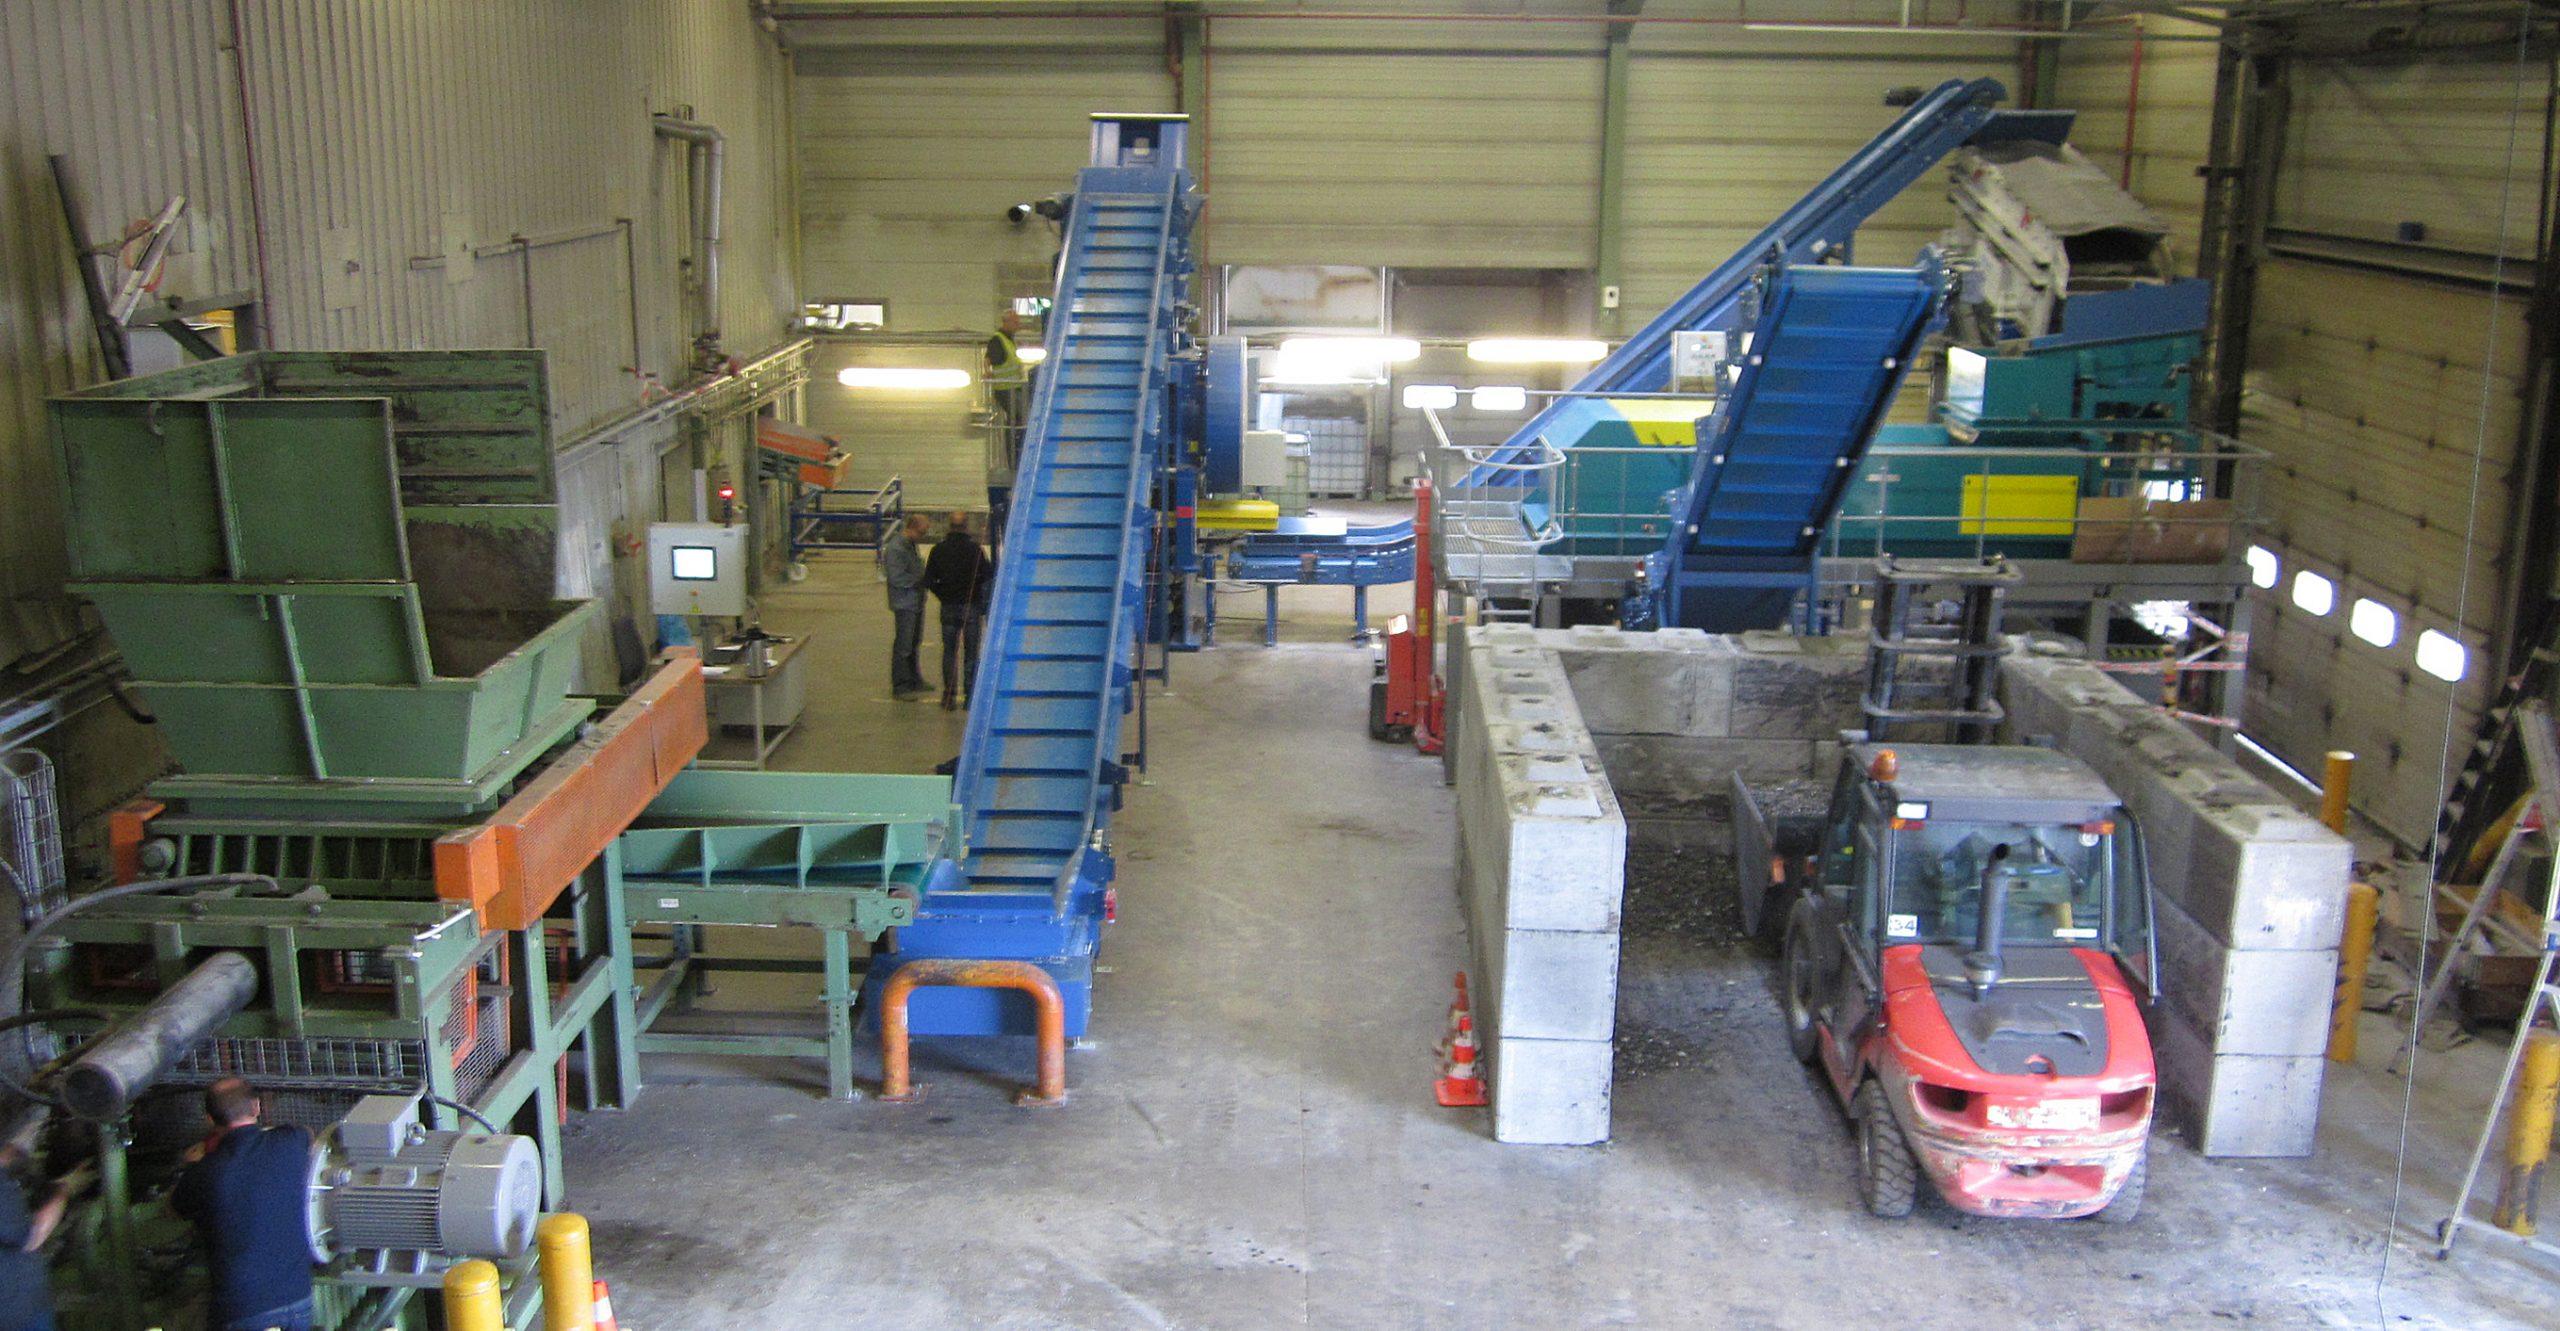 Recyclage machine Derbigum